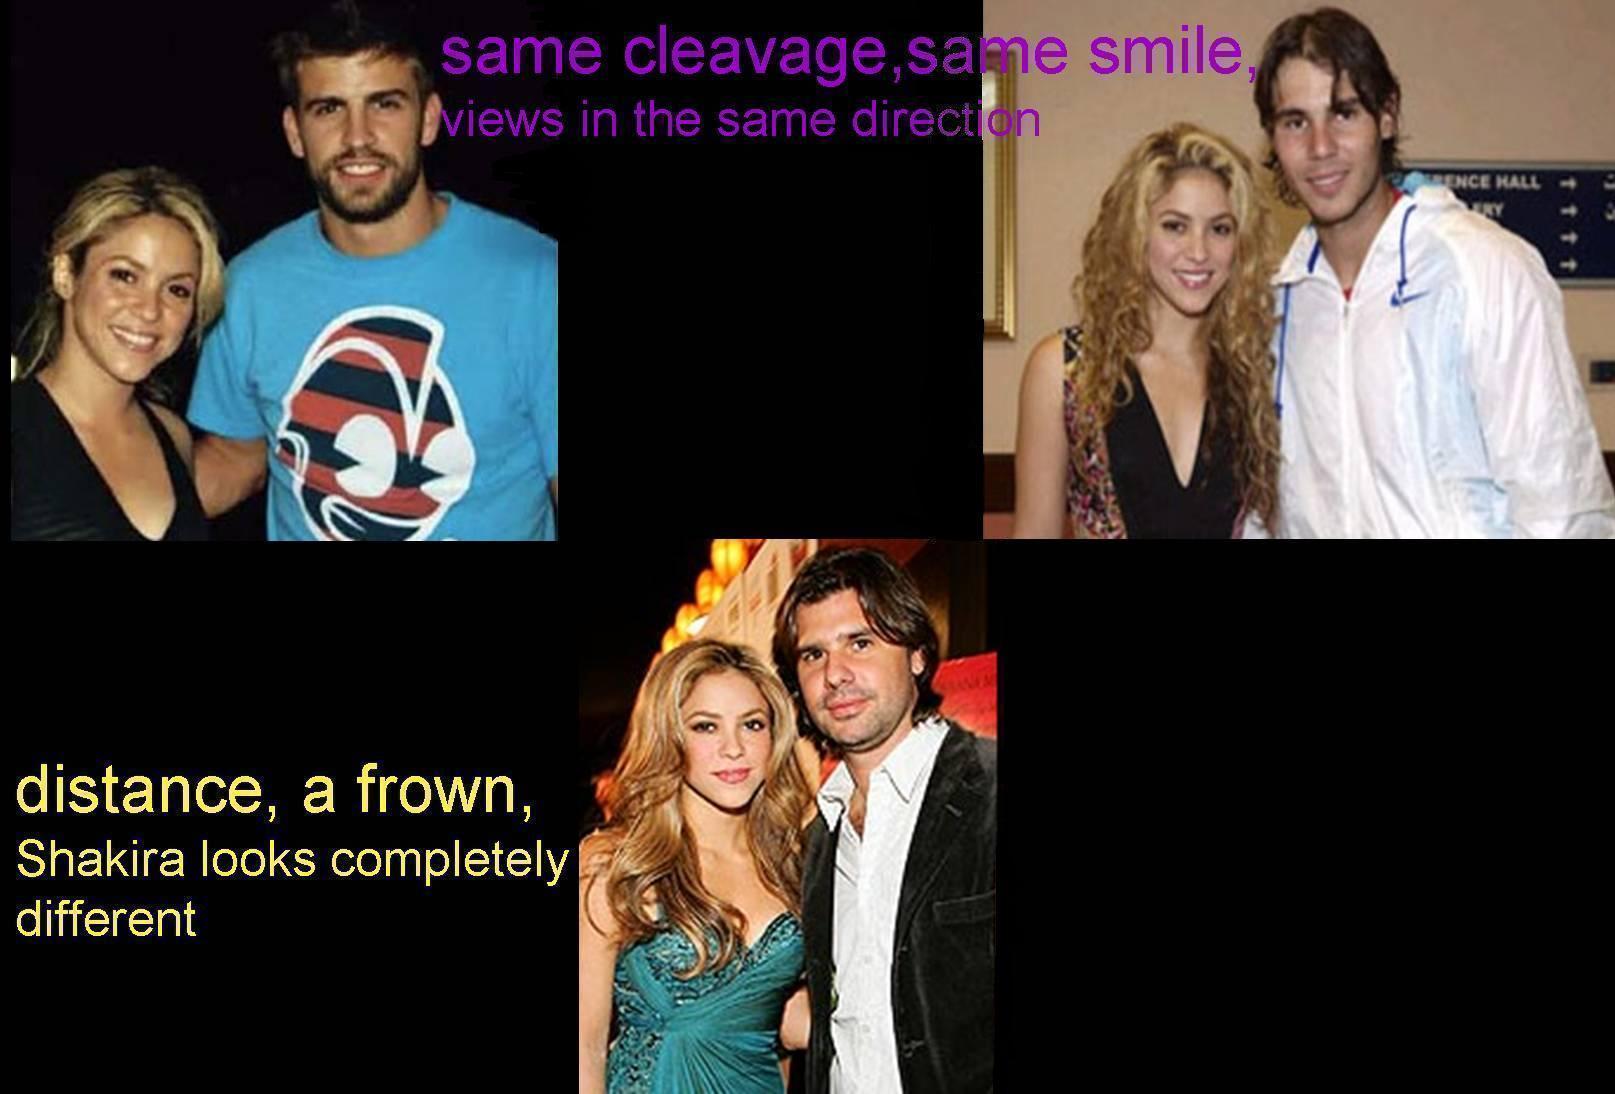 Shakira and Piqué,Nadal and De La Rua